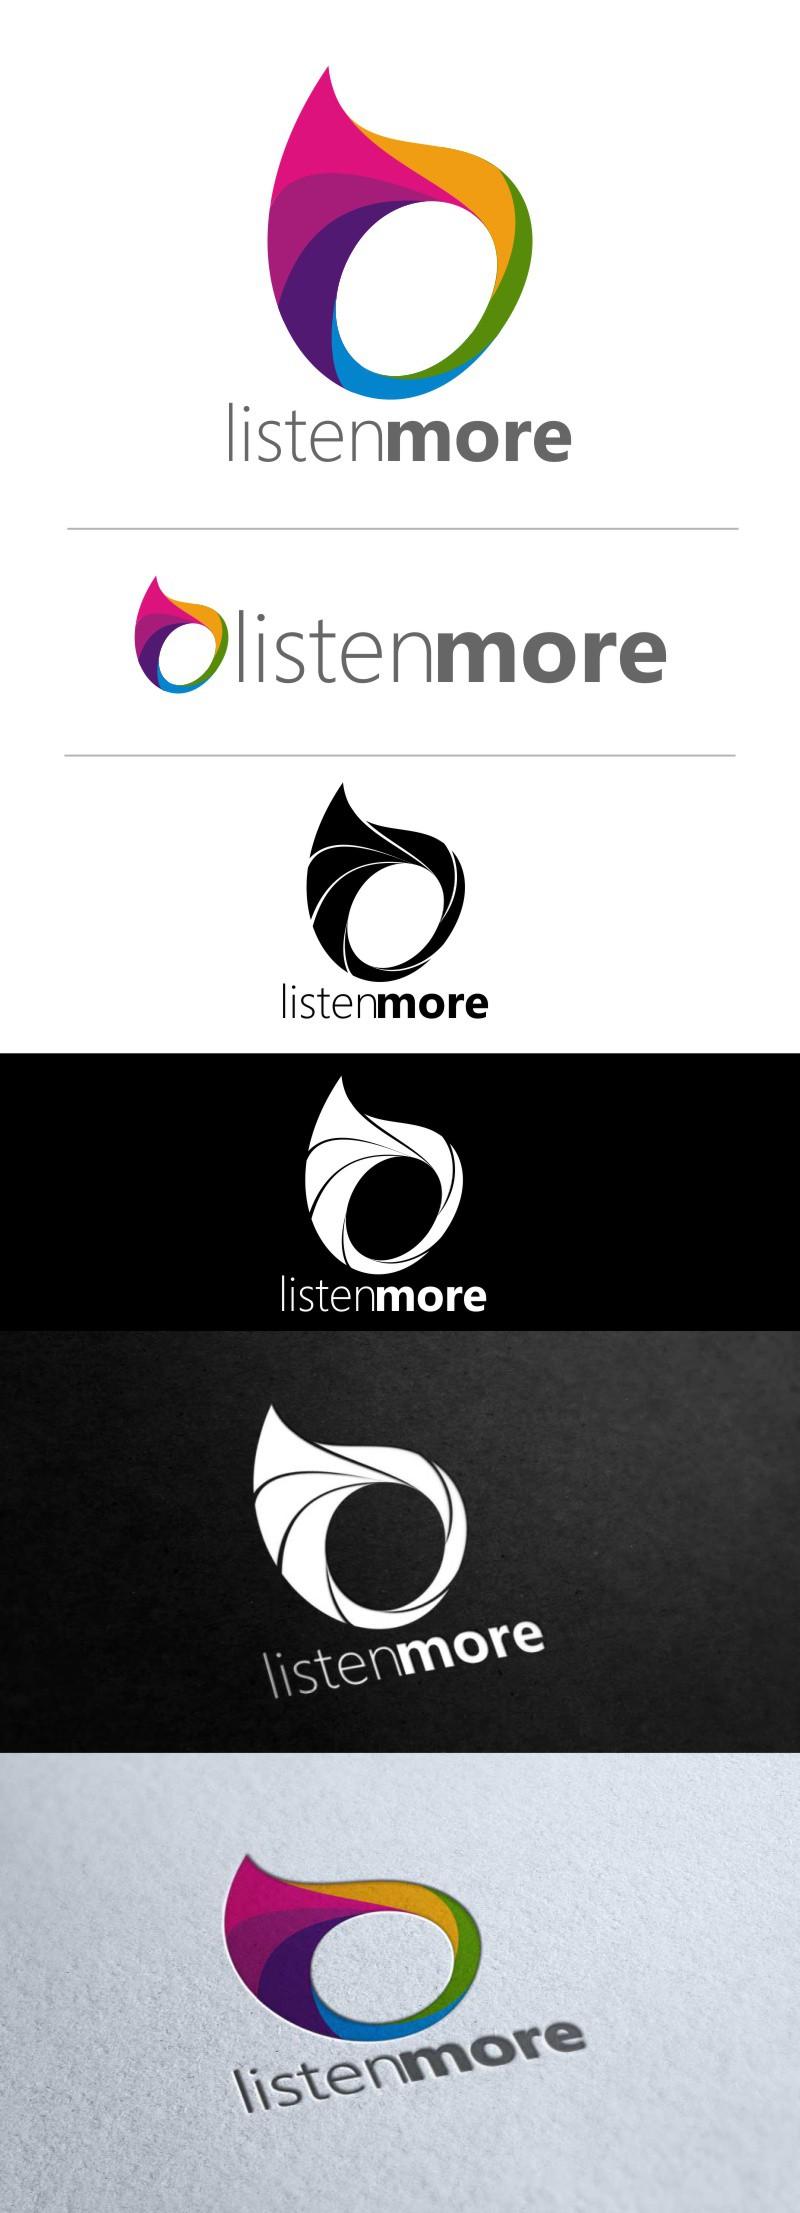 Create a fun logo